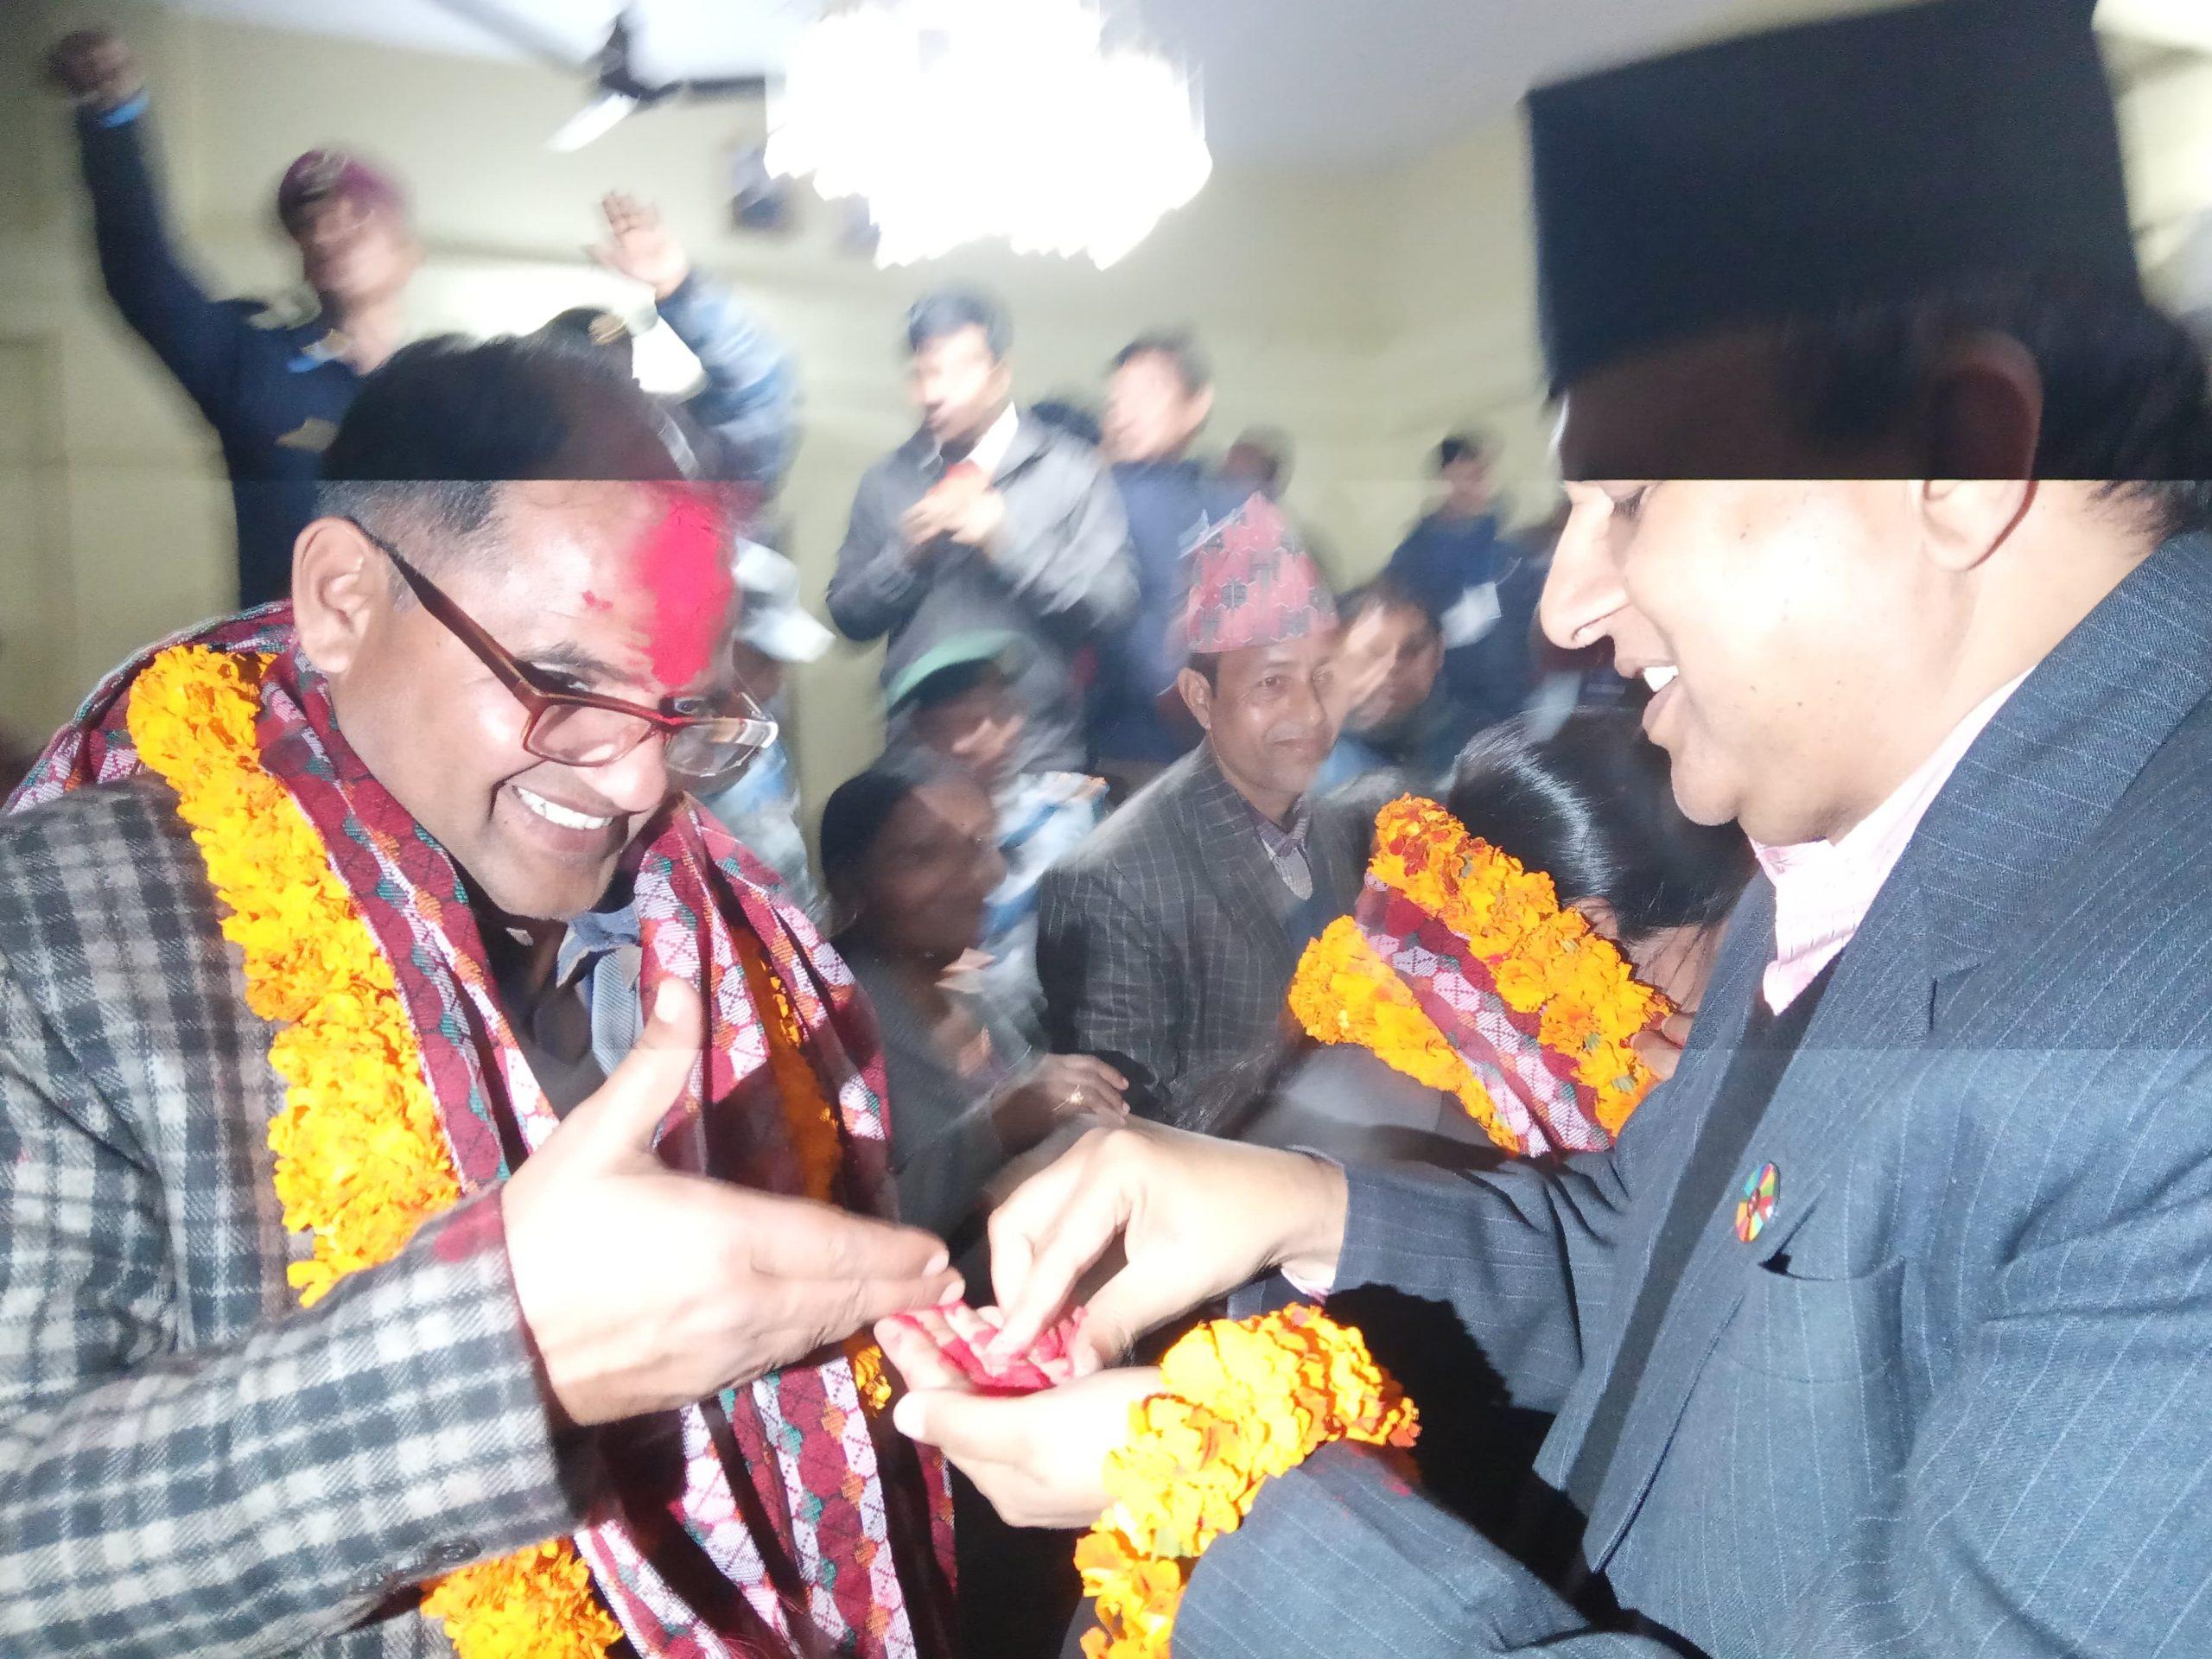 राष्ट्रियसभा सदस्य जगप्रसाद शर्माको यस्तो छ राजनीतिक  यात्रा